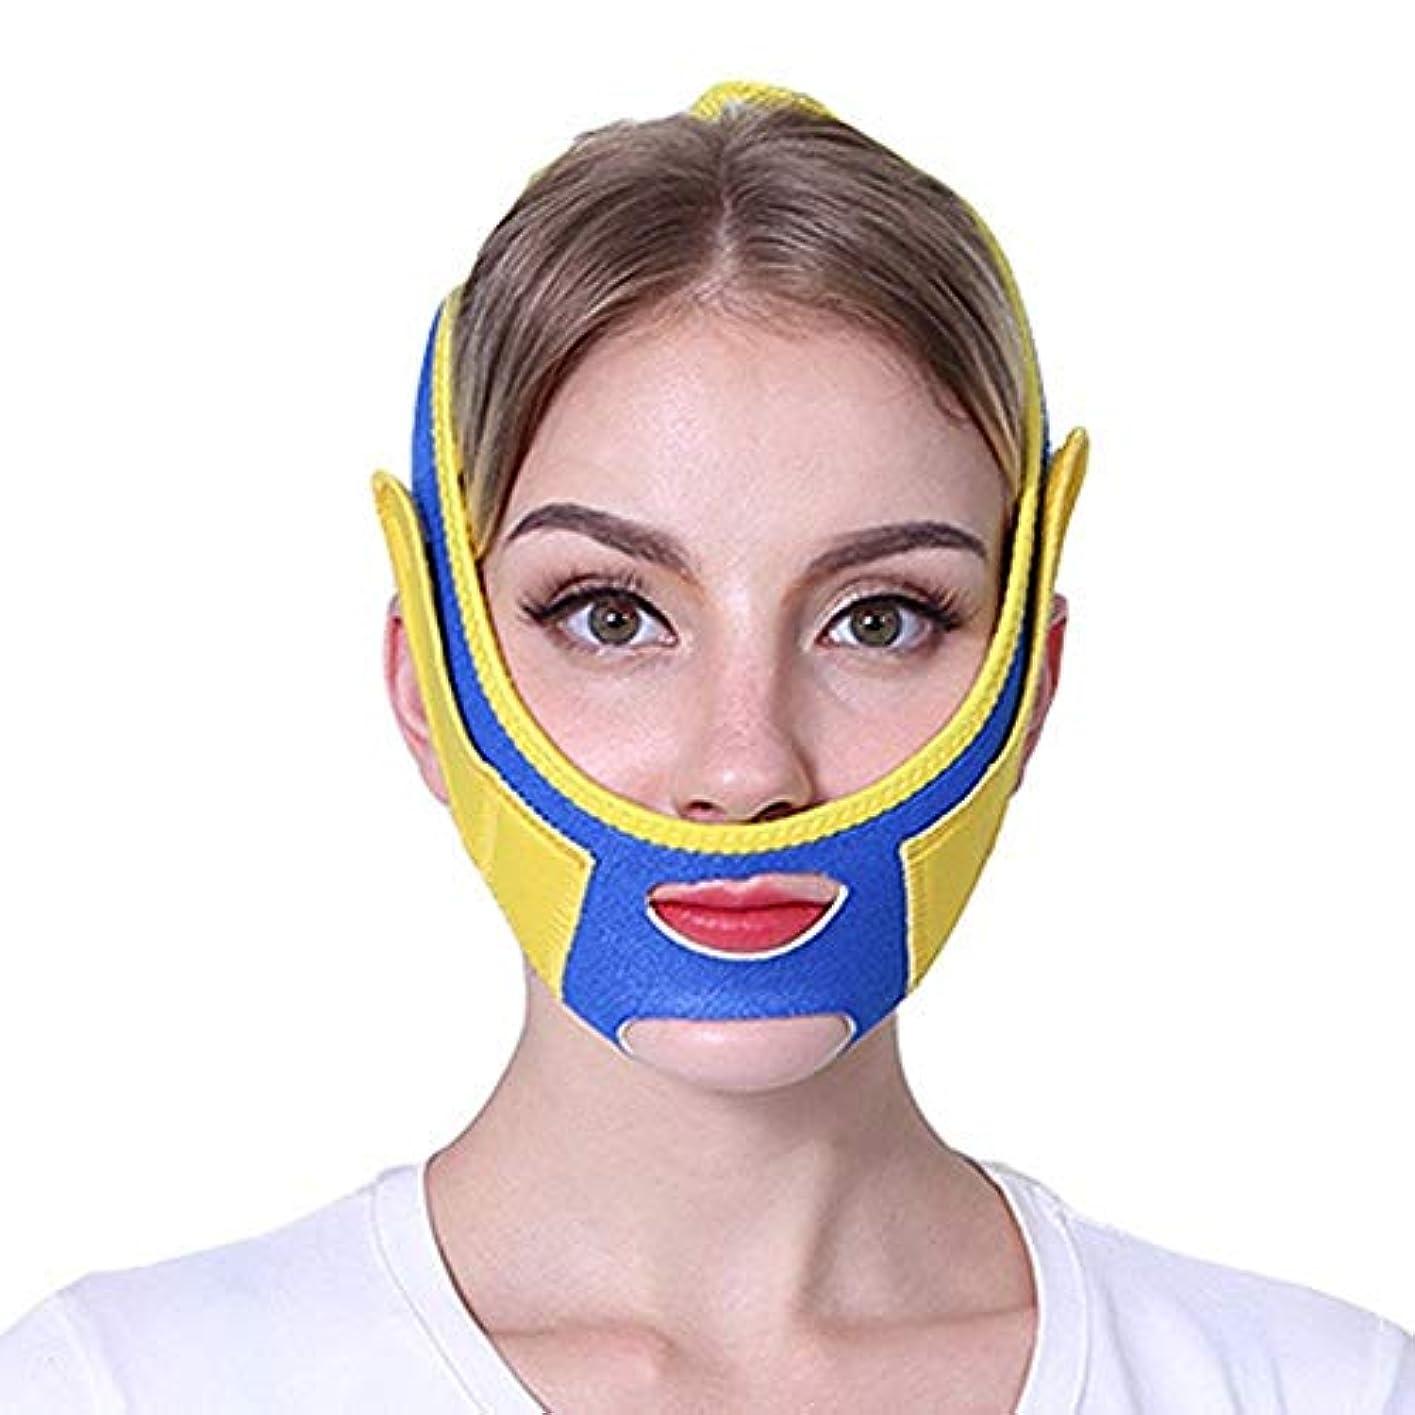 定刻五じゃないフェイスリフティング包帯、フェイシャルマッサージV字型で肌の弾力性を高め ダブルチンの美容ケアツール (Color : Blue)